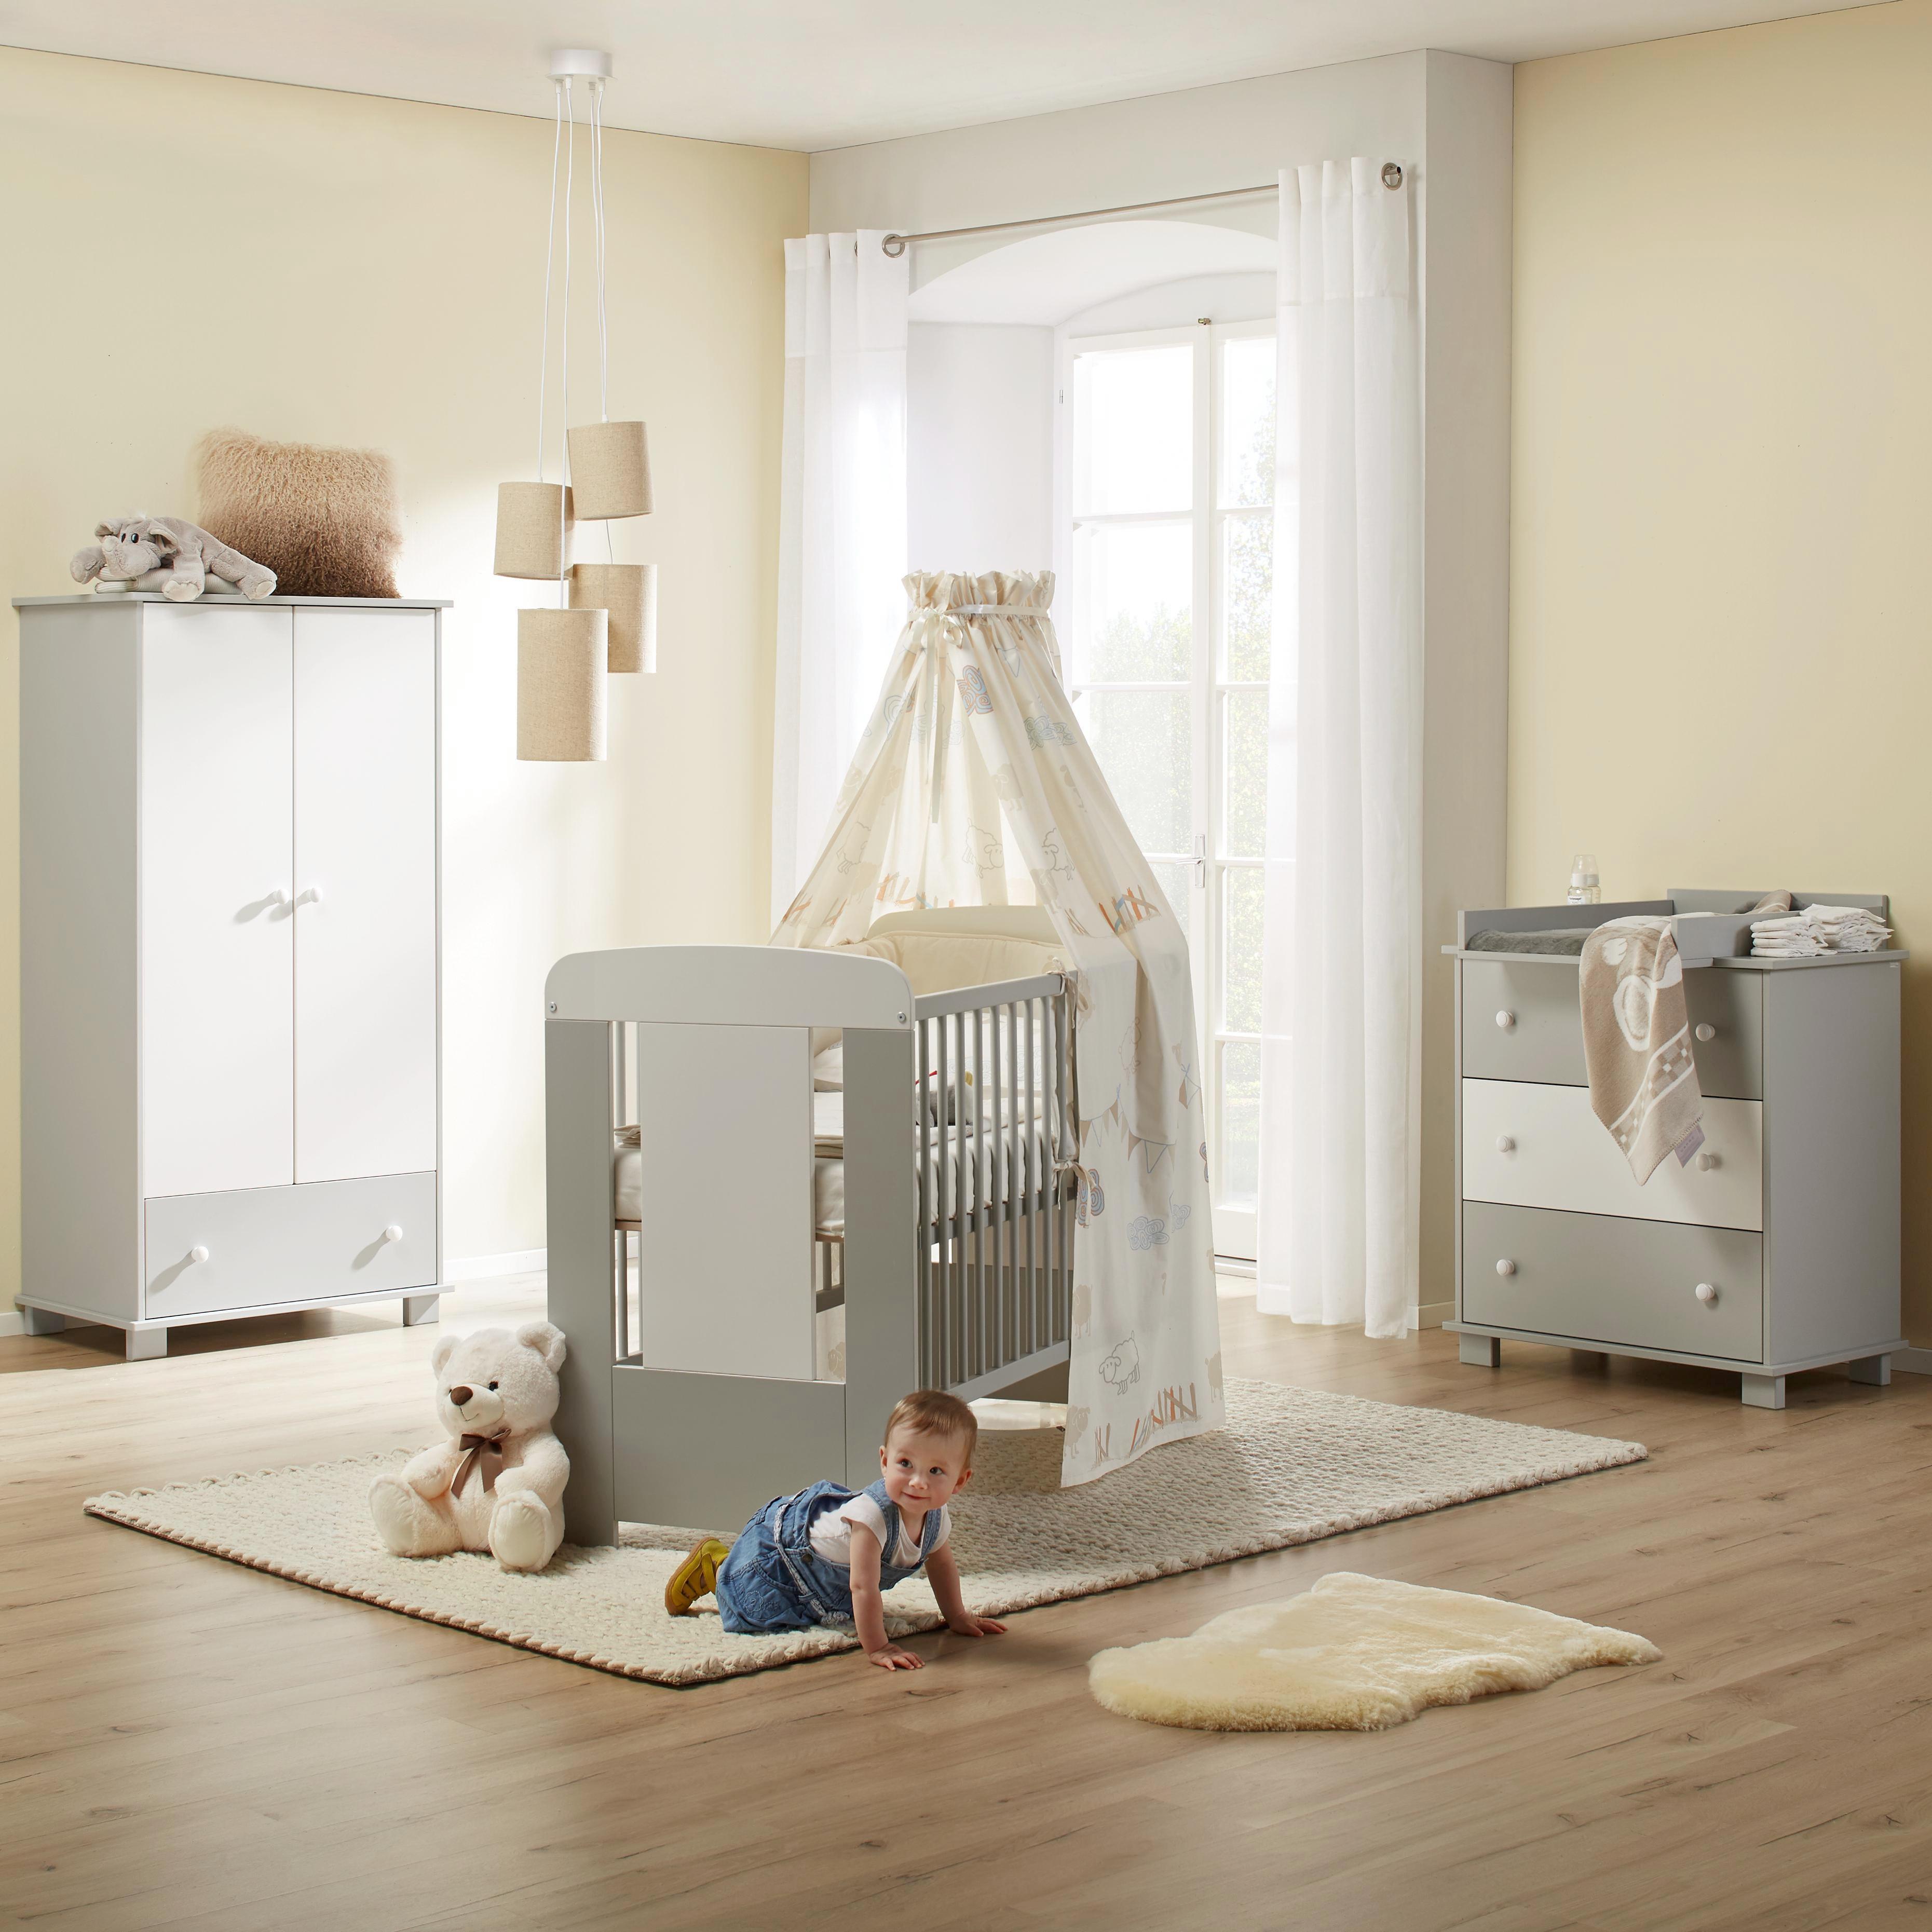 Babyzimmer - Produkte | mömax